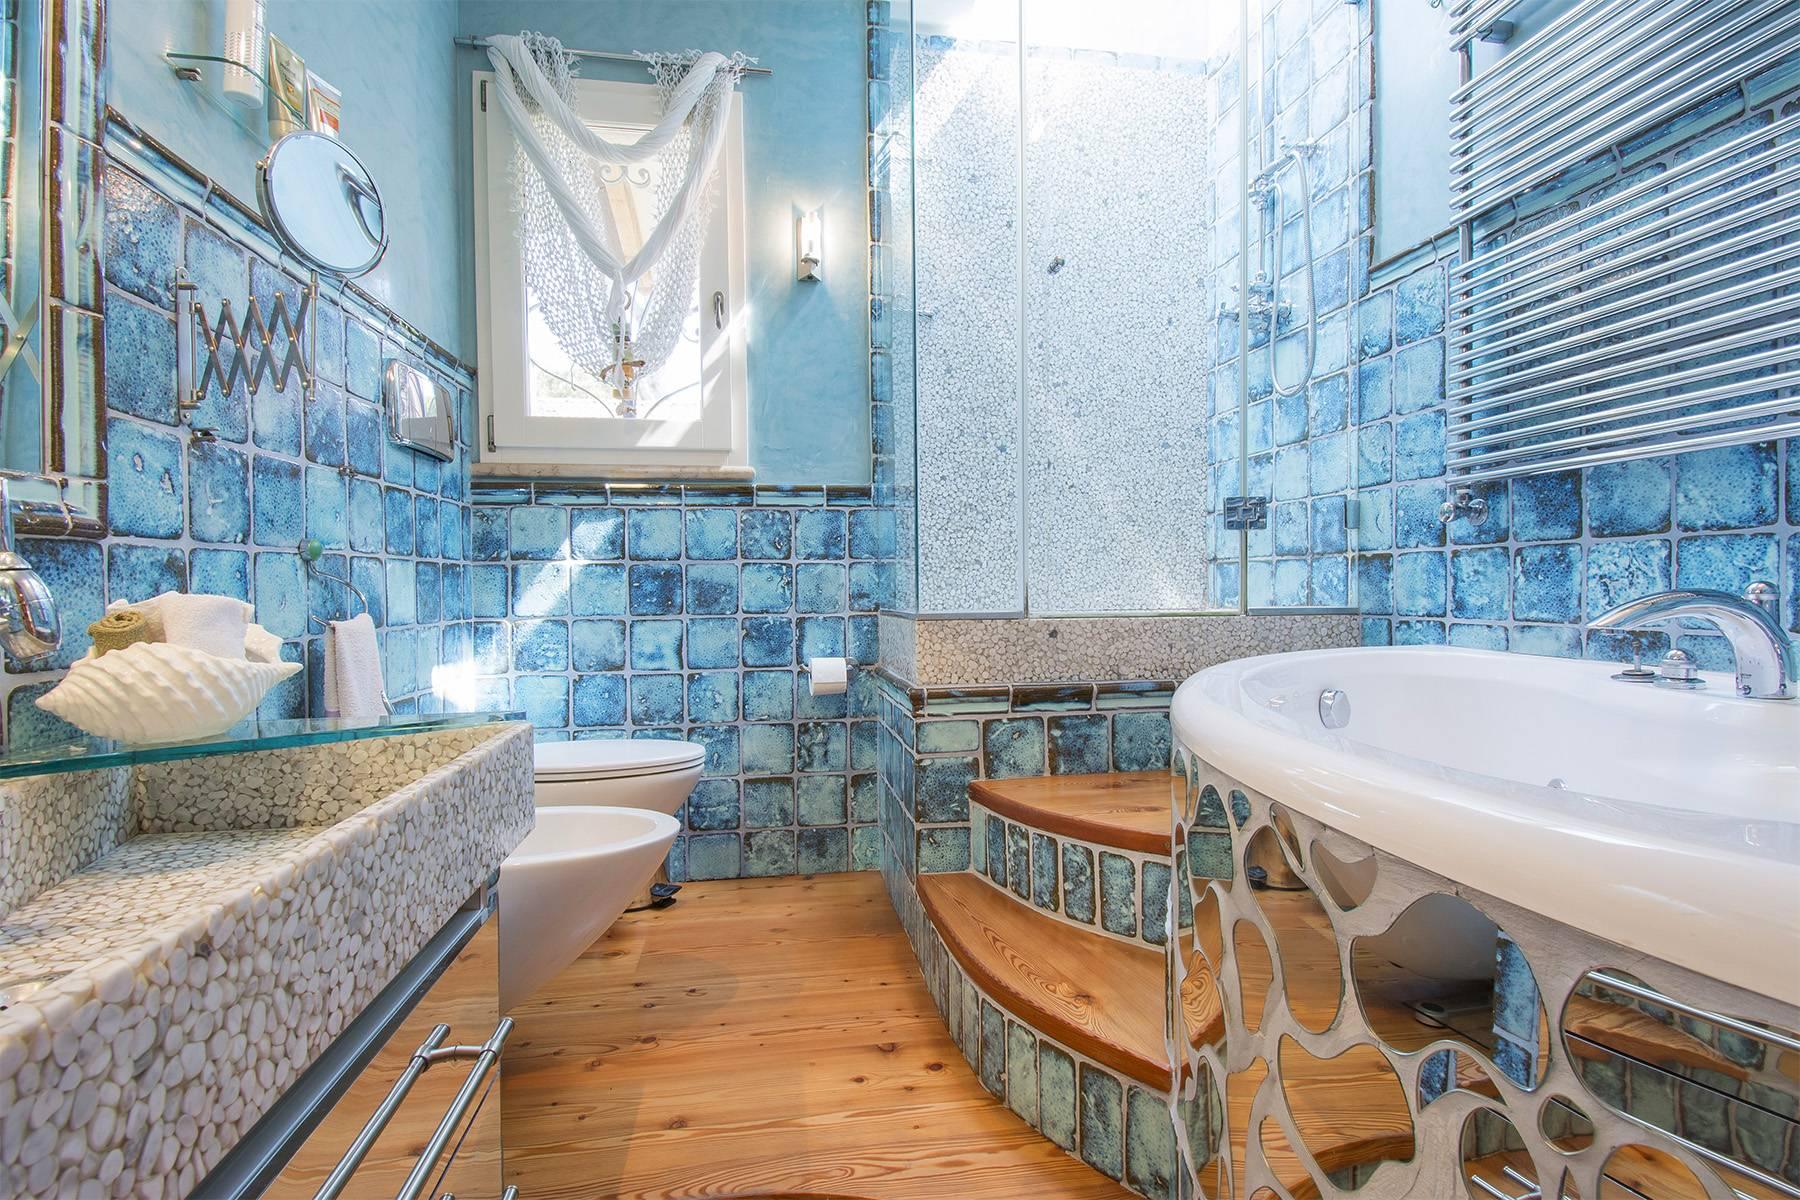 Casa indipendente in Vendita a Pietrasanta: 5 locali, 180 mq - Foto 10